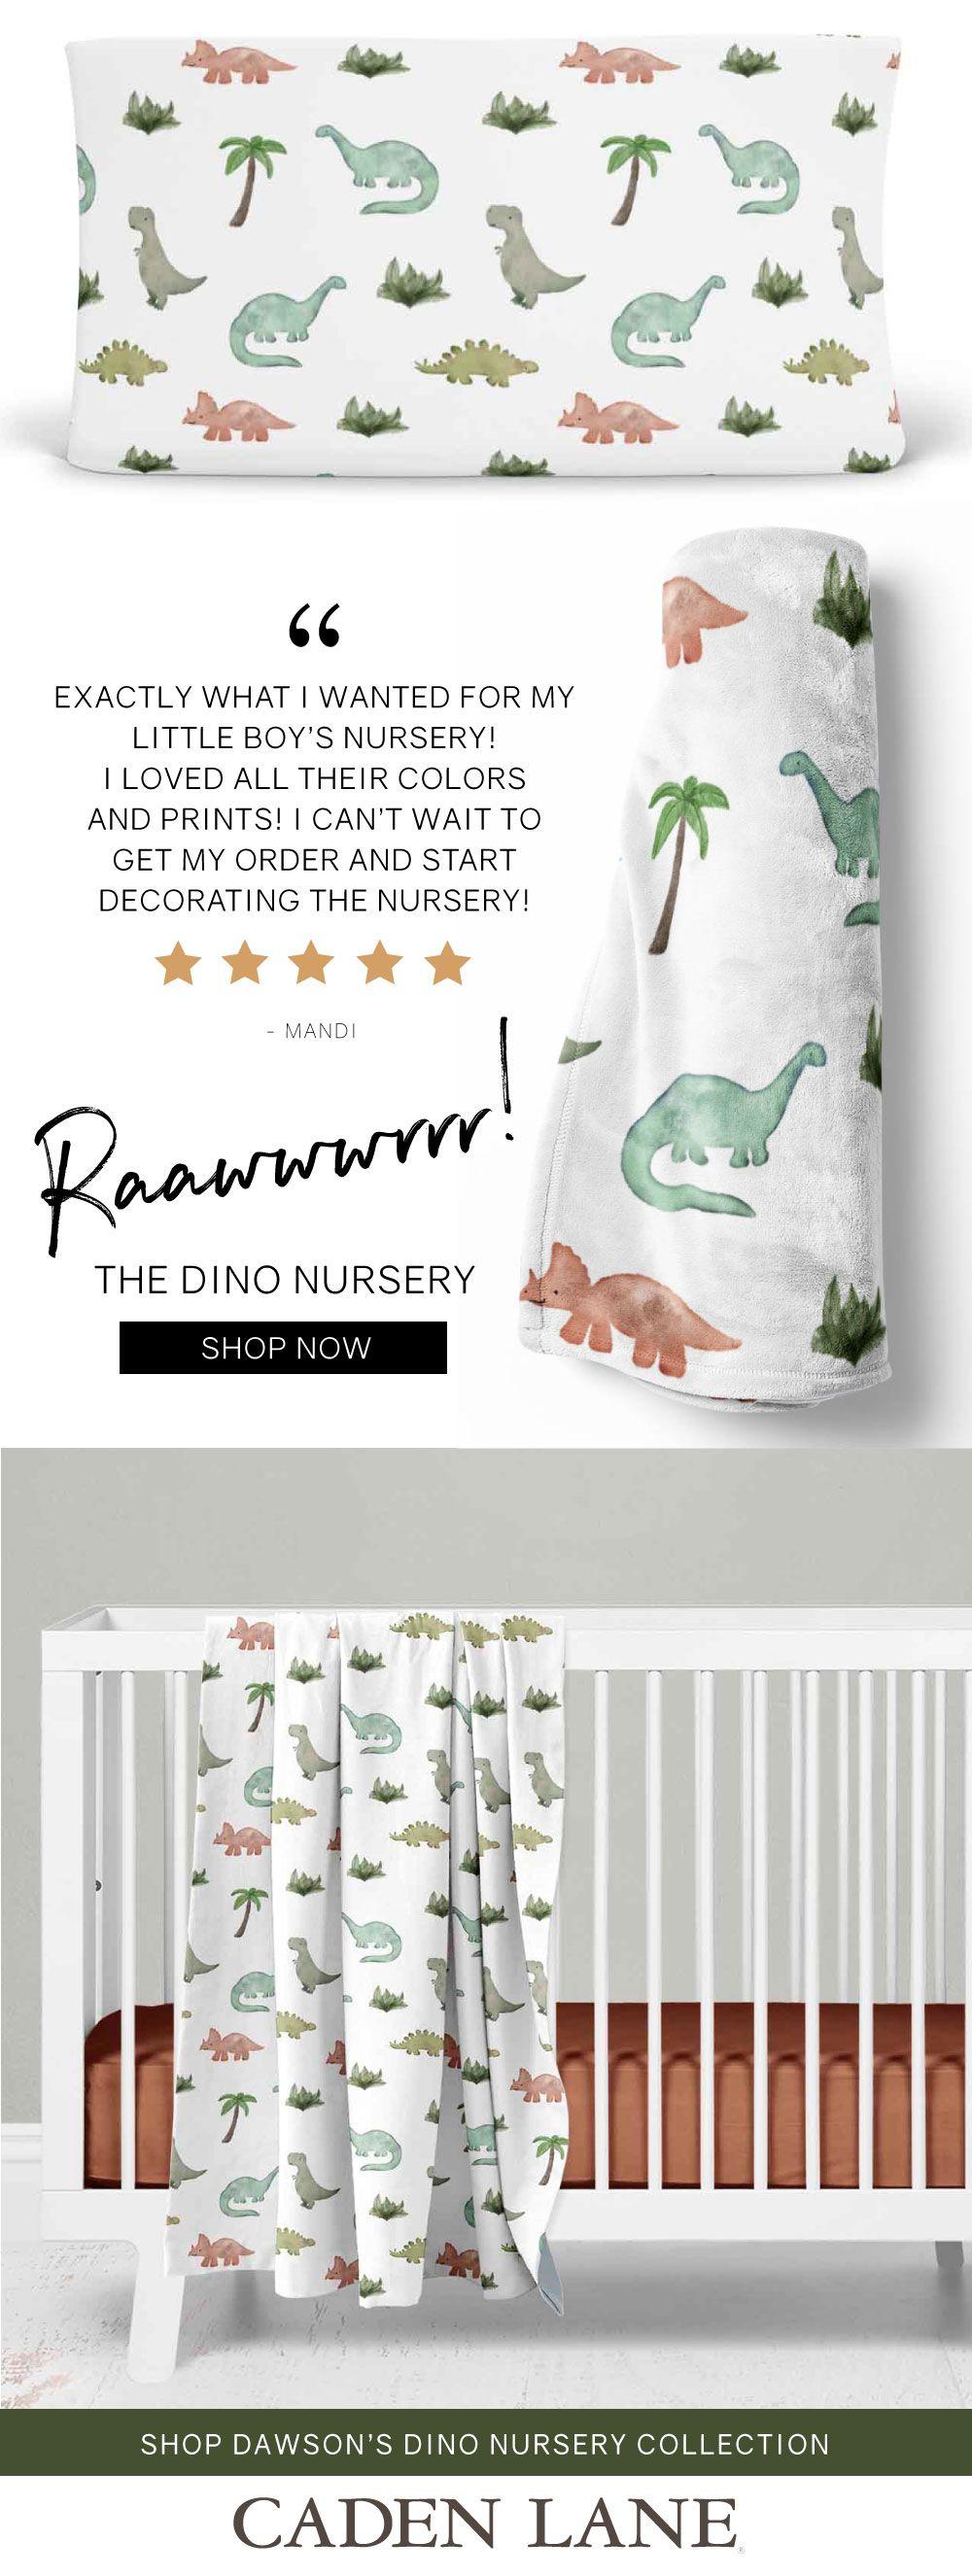 THE DINOSAUR NURSERY #dinosaurnursery